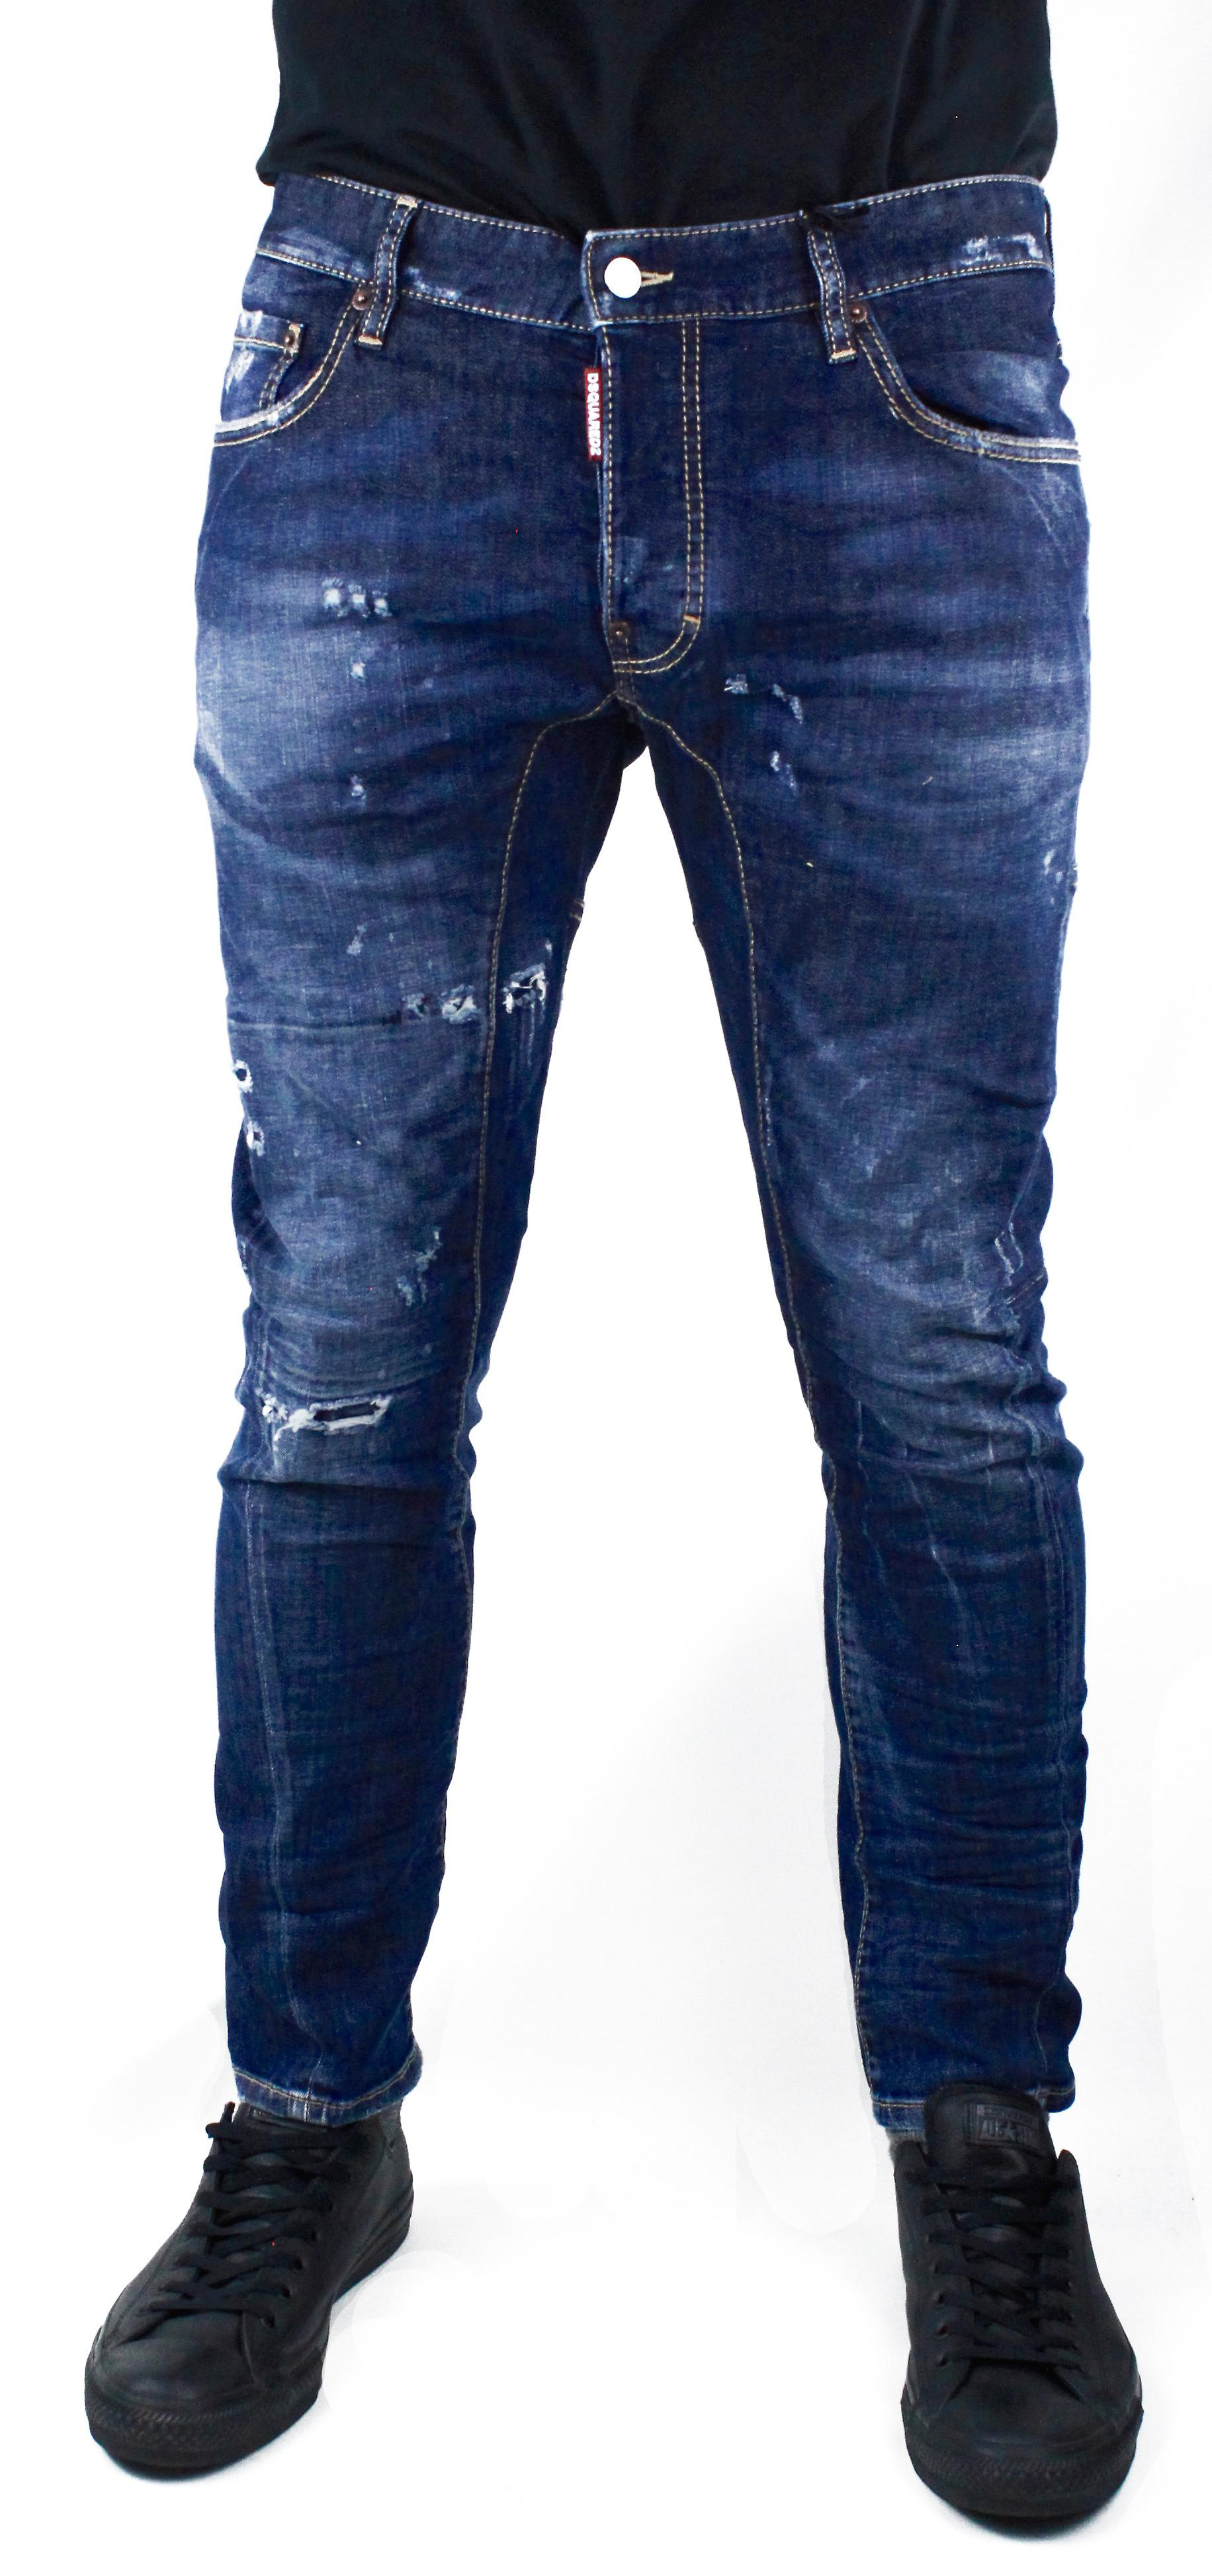 DSquared2 ryddig Biker S74LB0014 Jeans